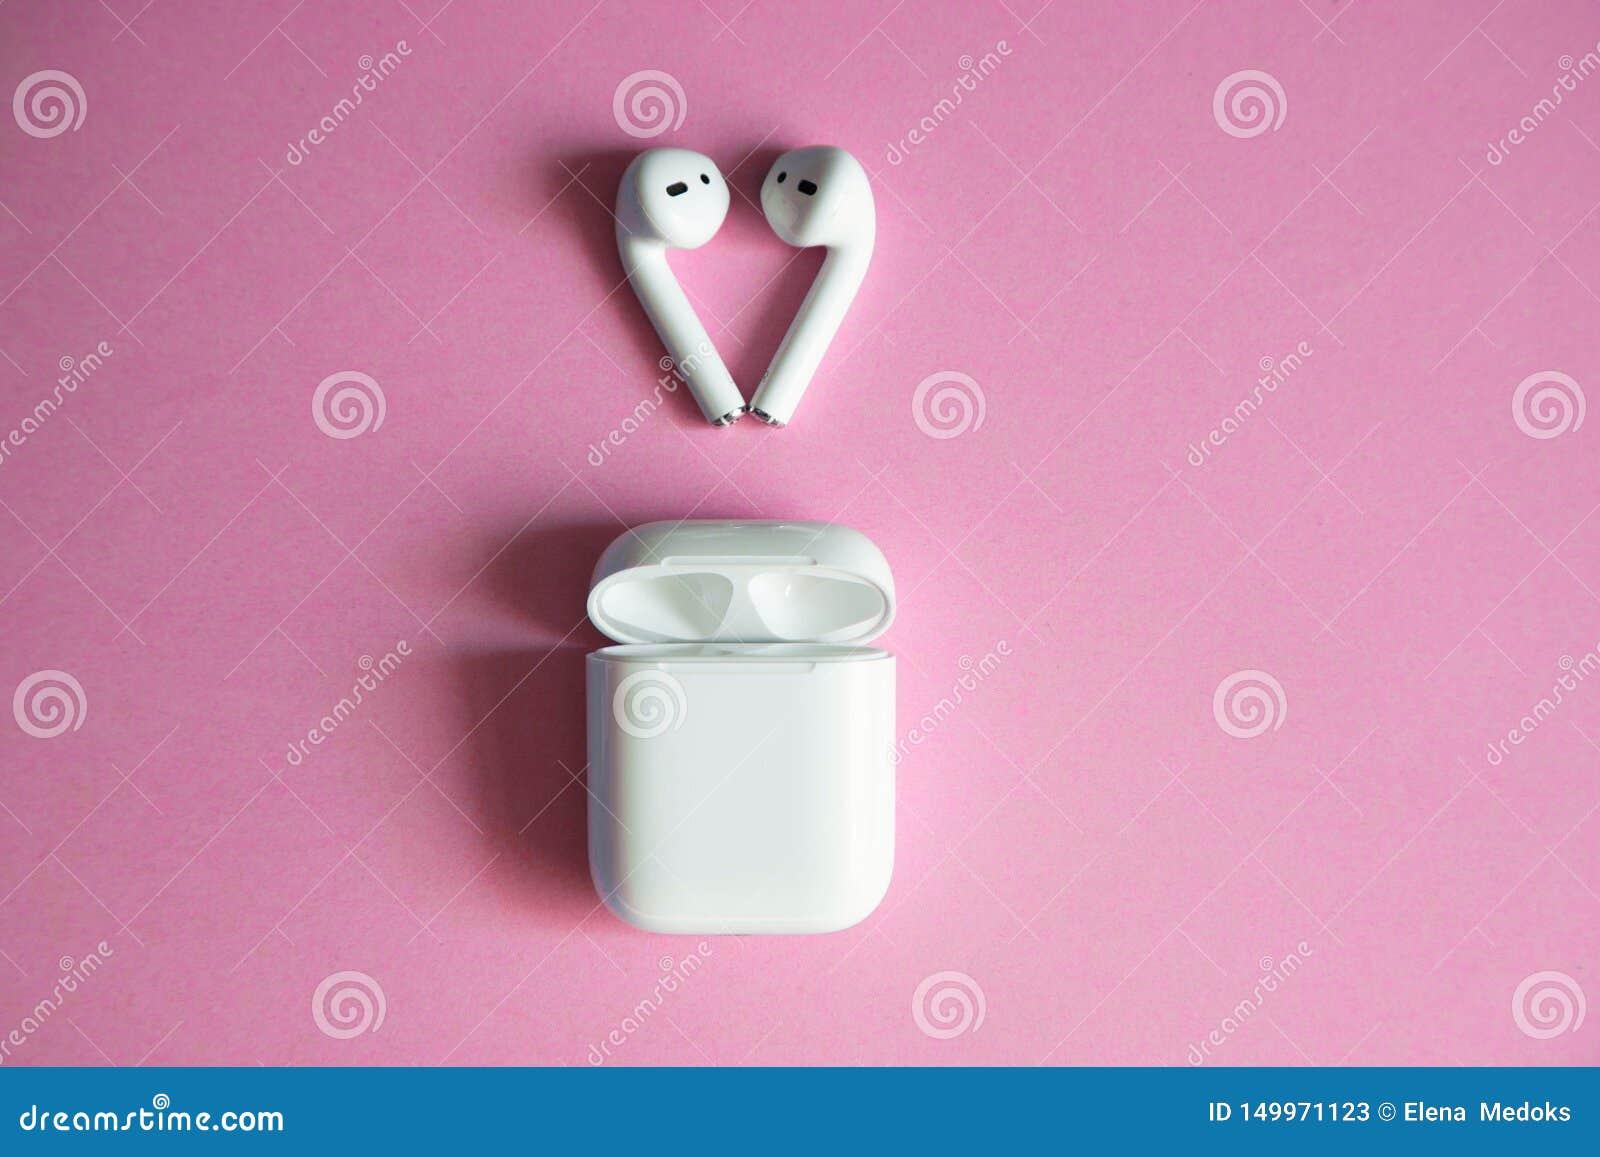 Vit trådlös hörlurar som ligger över en öppen uppladdare på en rosa bakgrund placera text